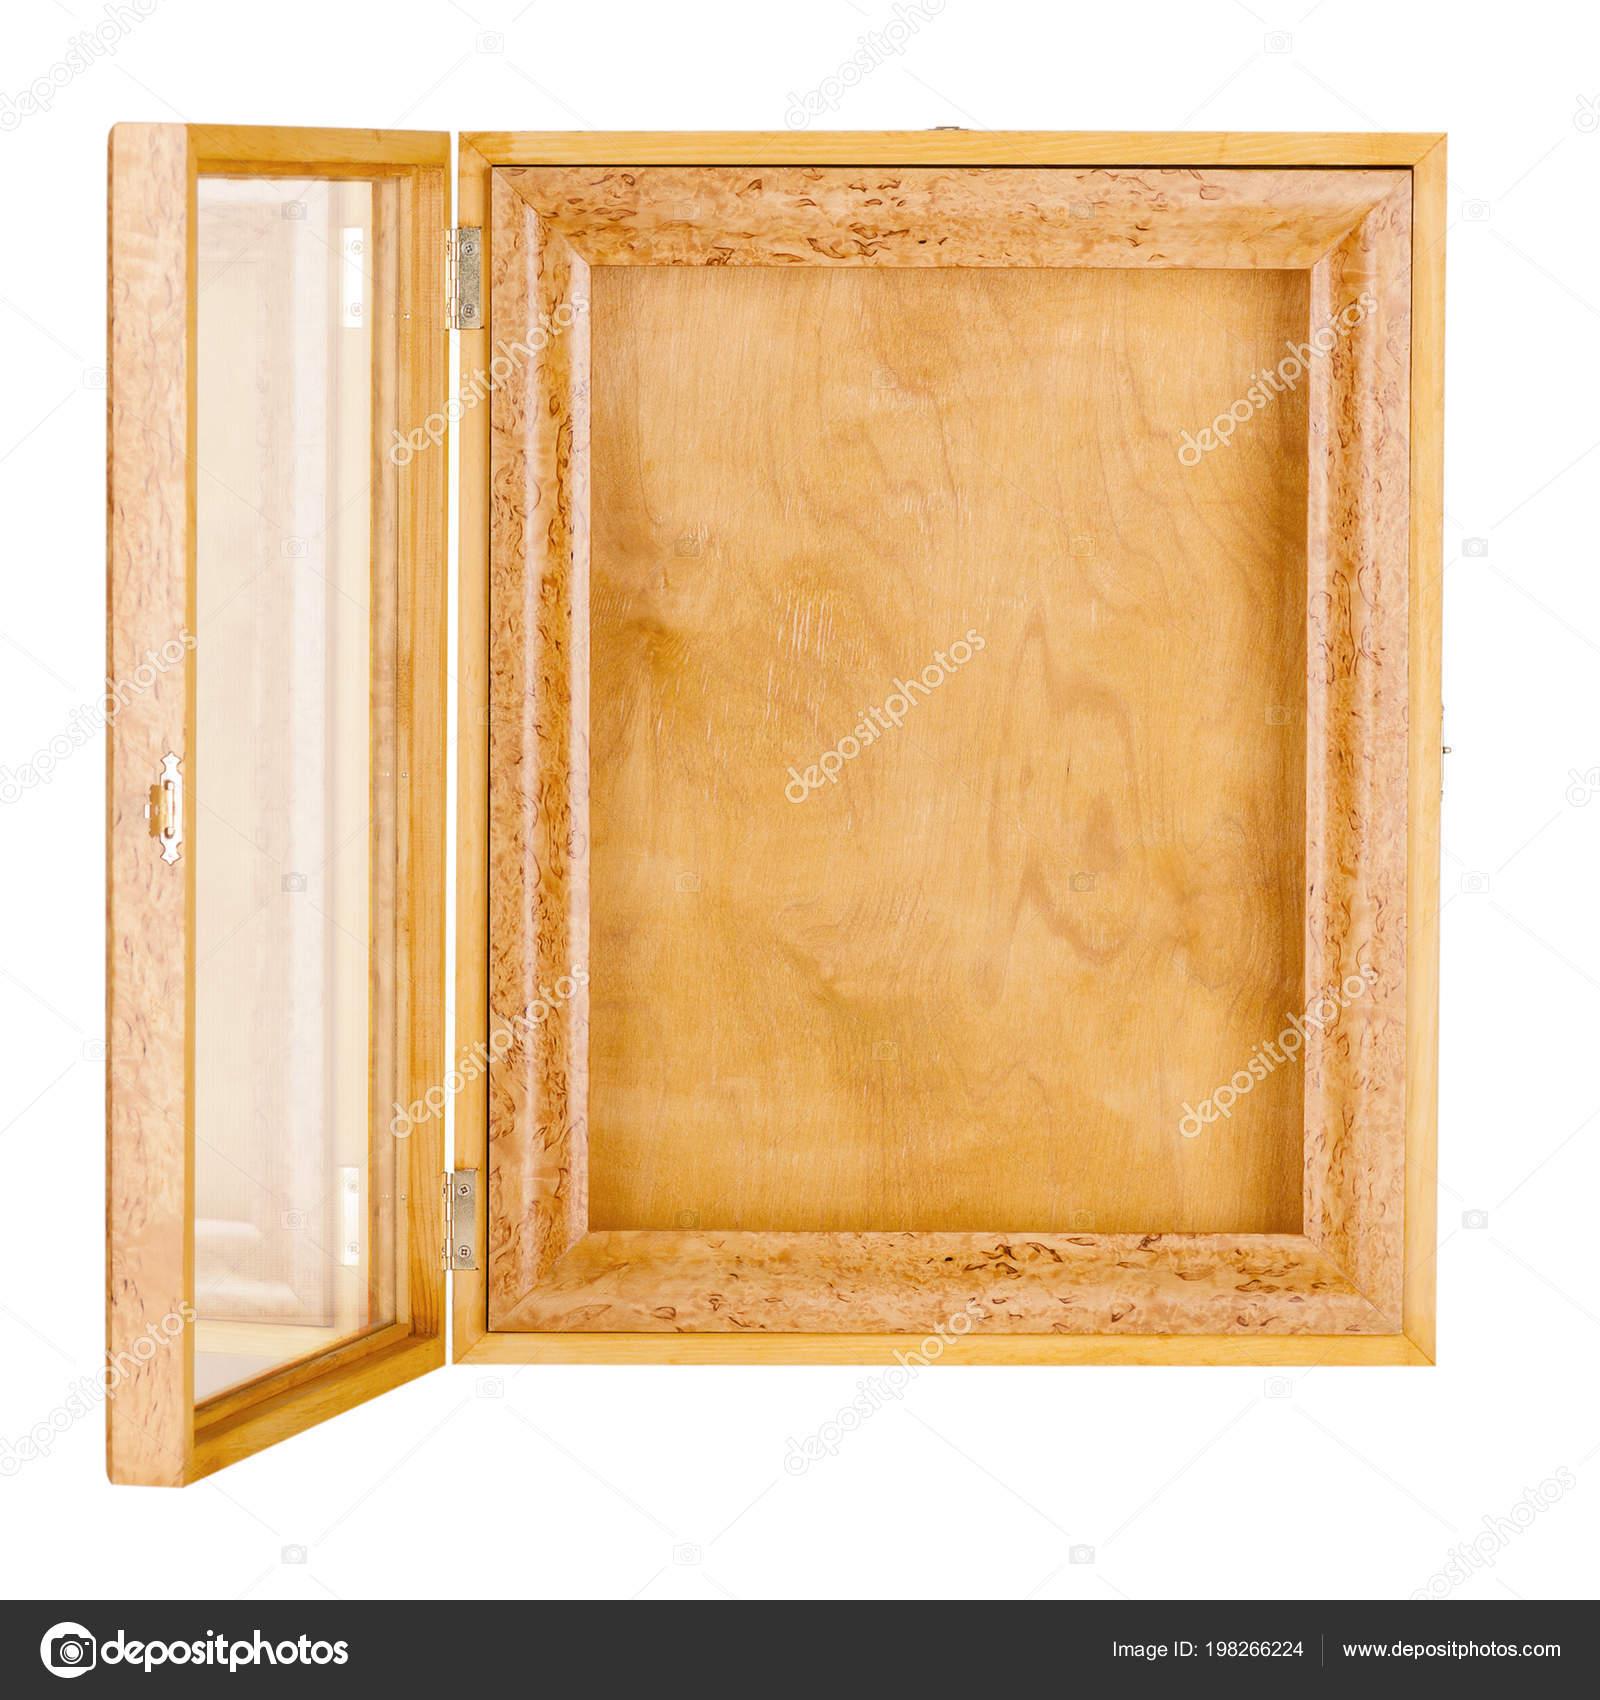 Como barnizar una puerta de madera simple puerta antes de decapar with como barnizar una puerta - Como barnizar una puerta de madera ...